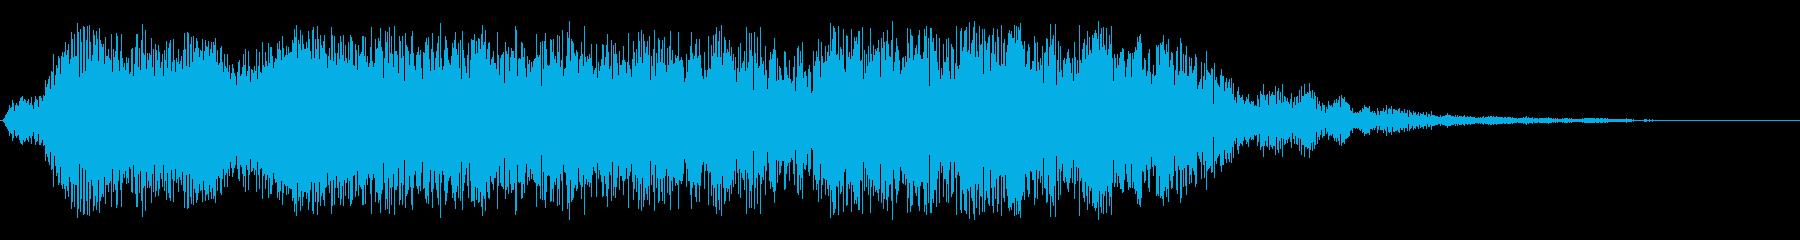 ニュース番組のオープニングの電子効果音の再生済みの波形